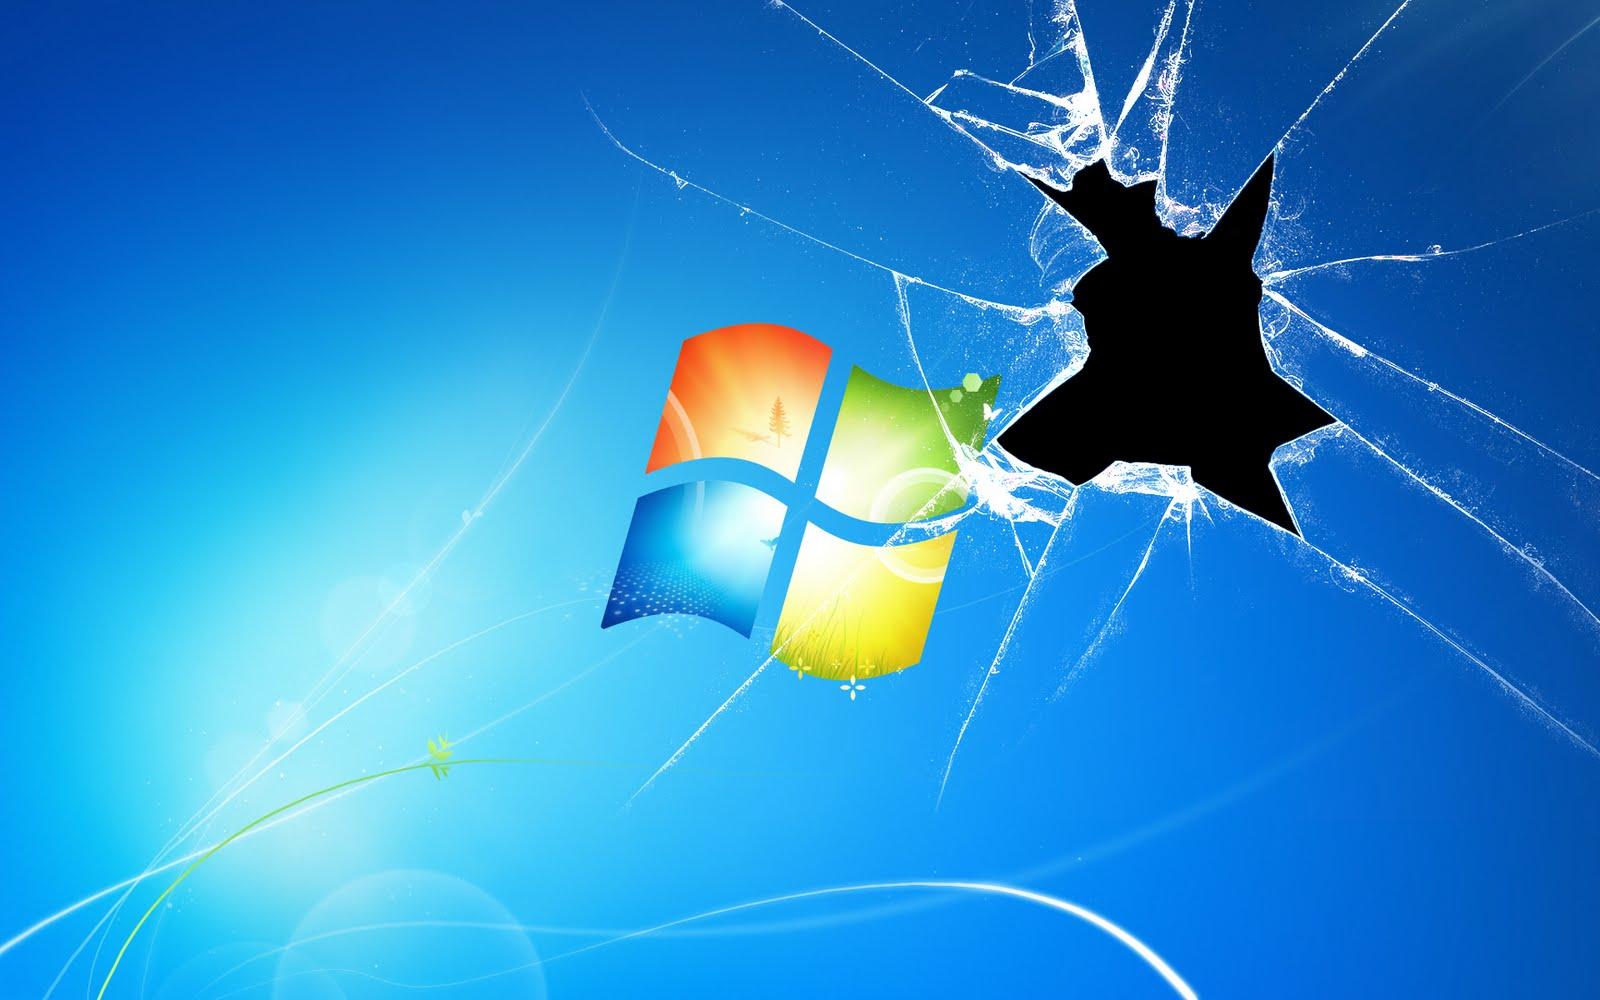 Best Desktop HD Wallpapers Broken mirror blue background 1600x1000